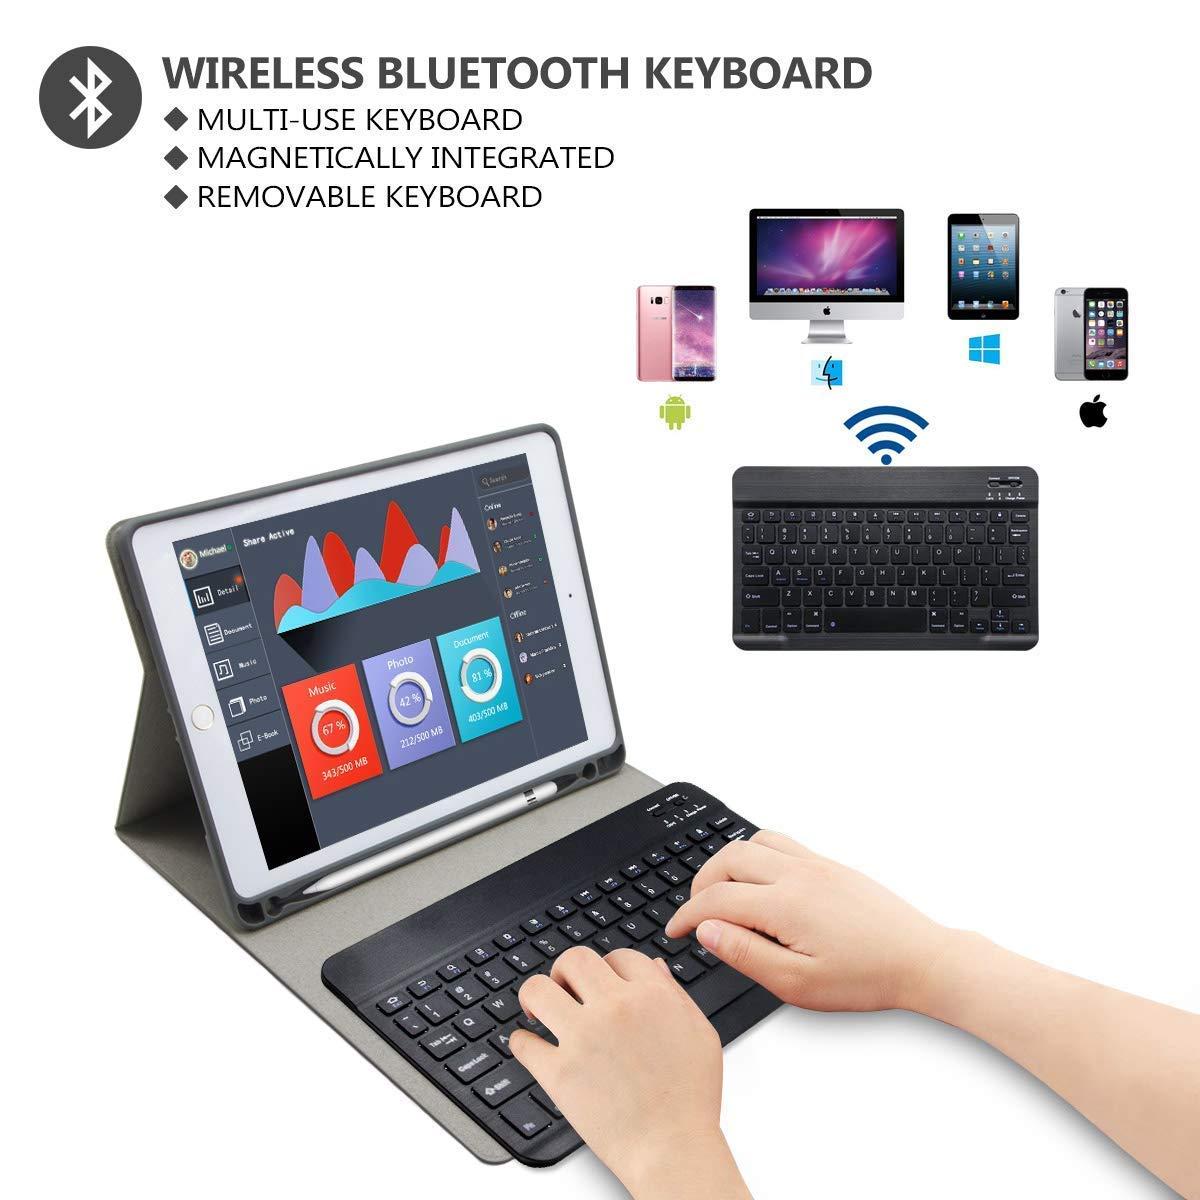 Cubierta Magn/ética Delgada Bluetooth para iPad 2018//iPad 2017//iPad Pro 9.7//iPad Air 2//1 COO Funda Teclado iPad 9.7 Rosa Funda iPad 2018 con Ranura para L/ápiz y Teclado Espa/ñol Incluye Letra /Ñ